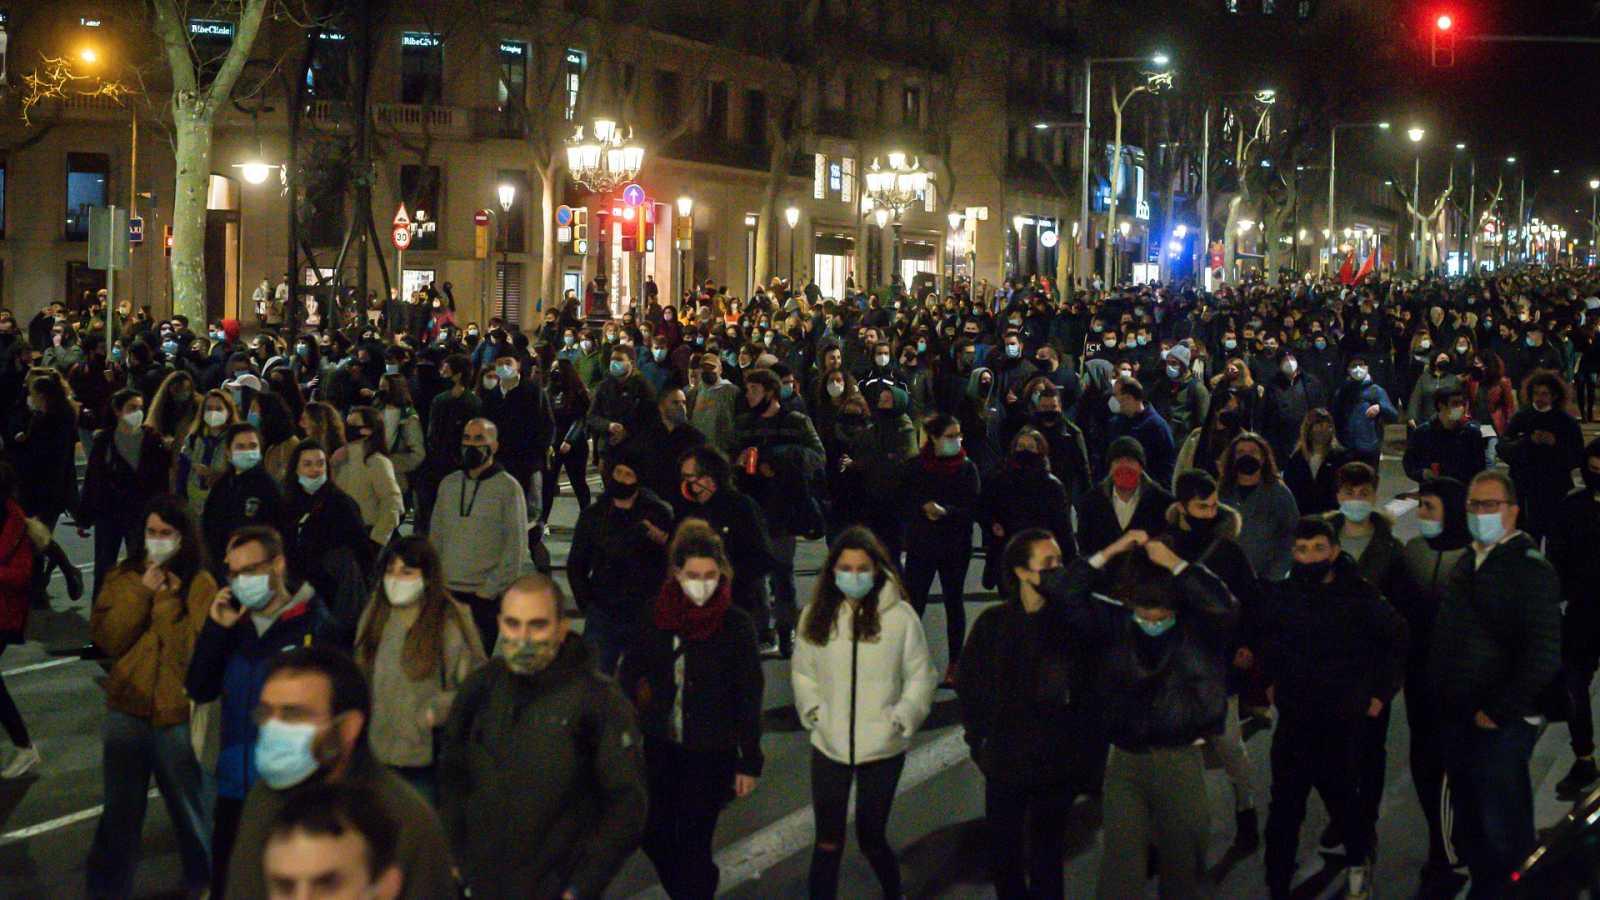 El diputado de Compromís Carles Esteve denuncia que un policía le golpeó estando en actitud pacífica